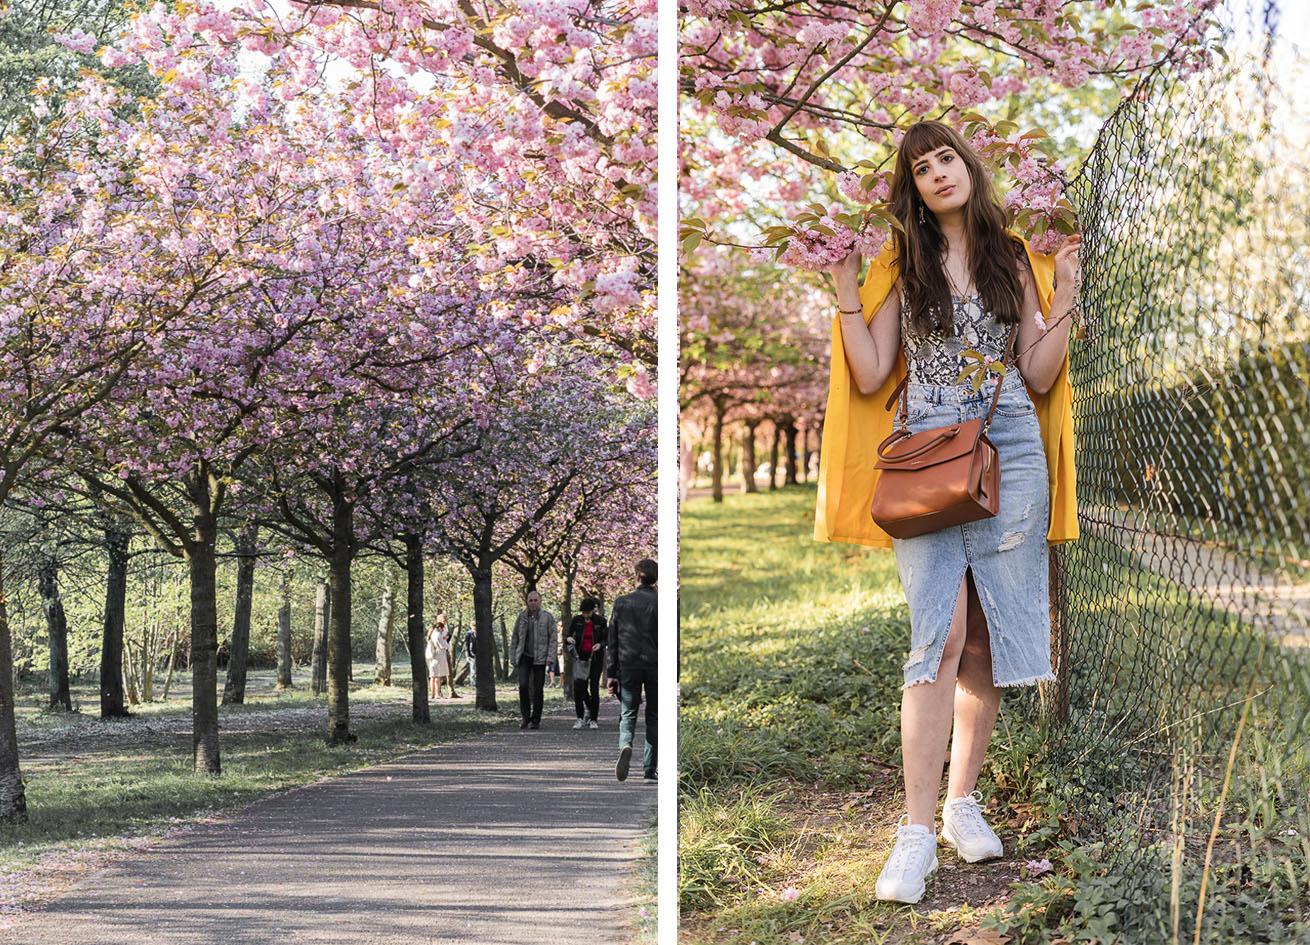 Kirschblüte Mauerpark Berlin